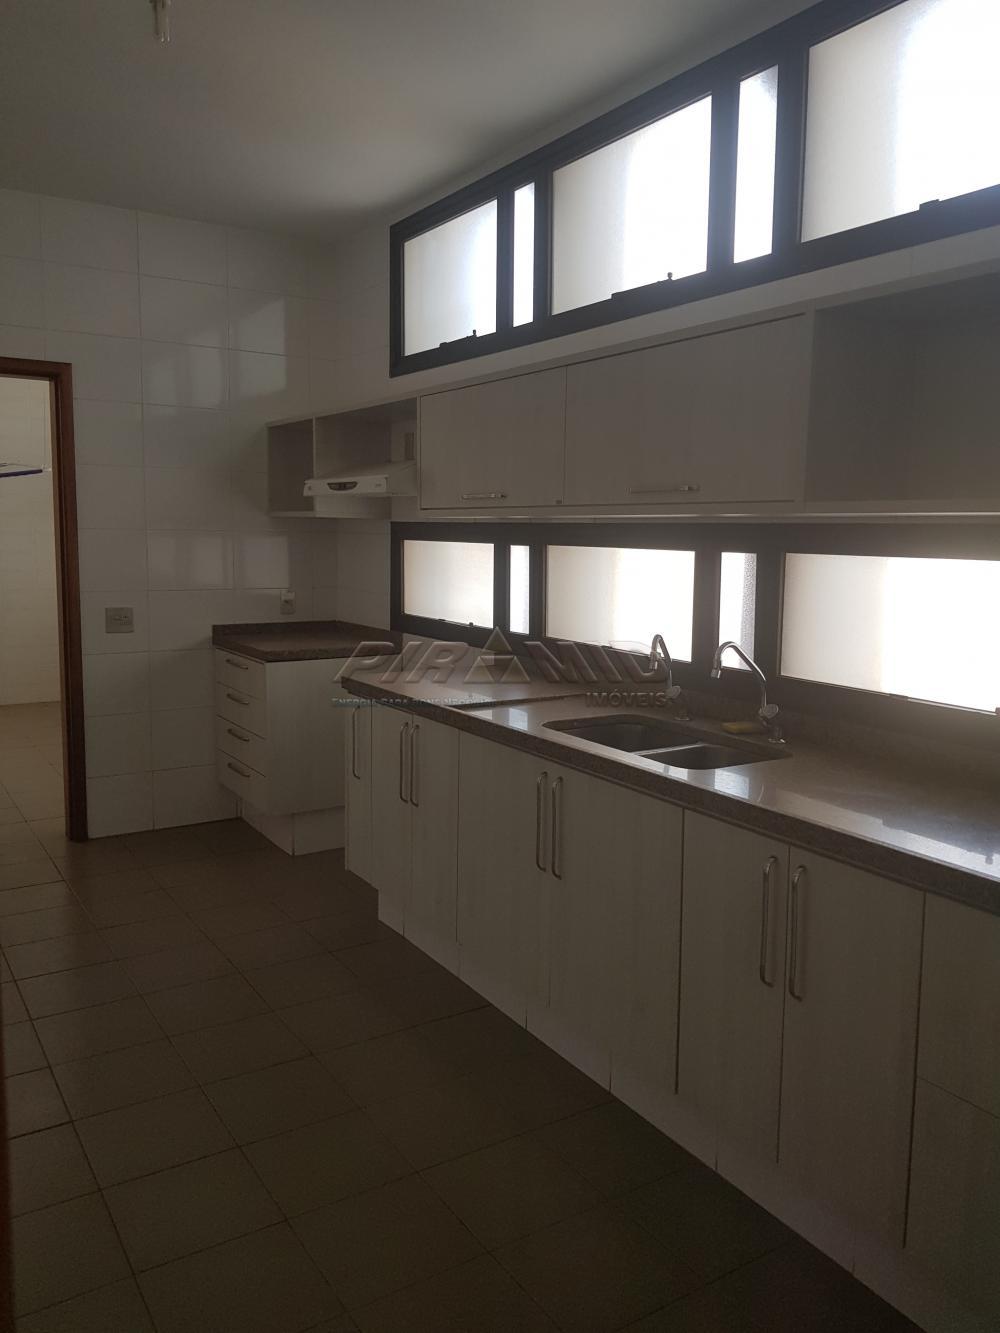 Alugar Apartamento / Padrão em Ribeirão Preto apenas R$ 3.000,00 - Foto 11